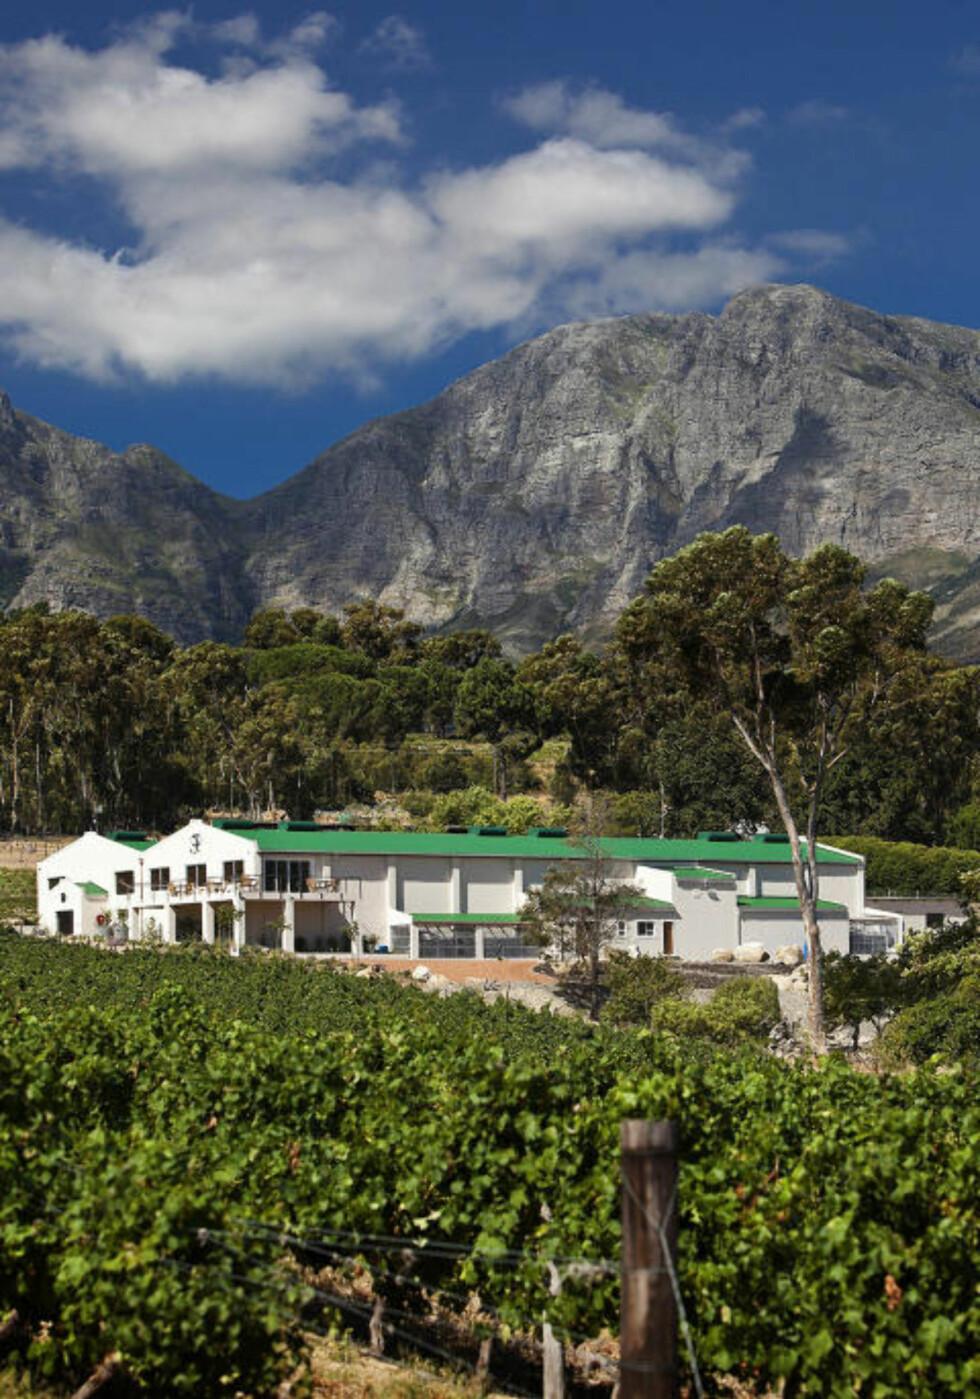 VAKKER BELIGGENHET: Vendt mot havet ligger de skrånende vinmarkene til Journeys End, som har laget dagens vinner, en Cabernet Sauvignon 2007.